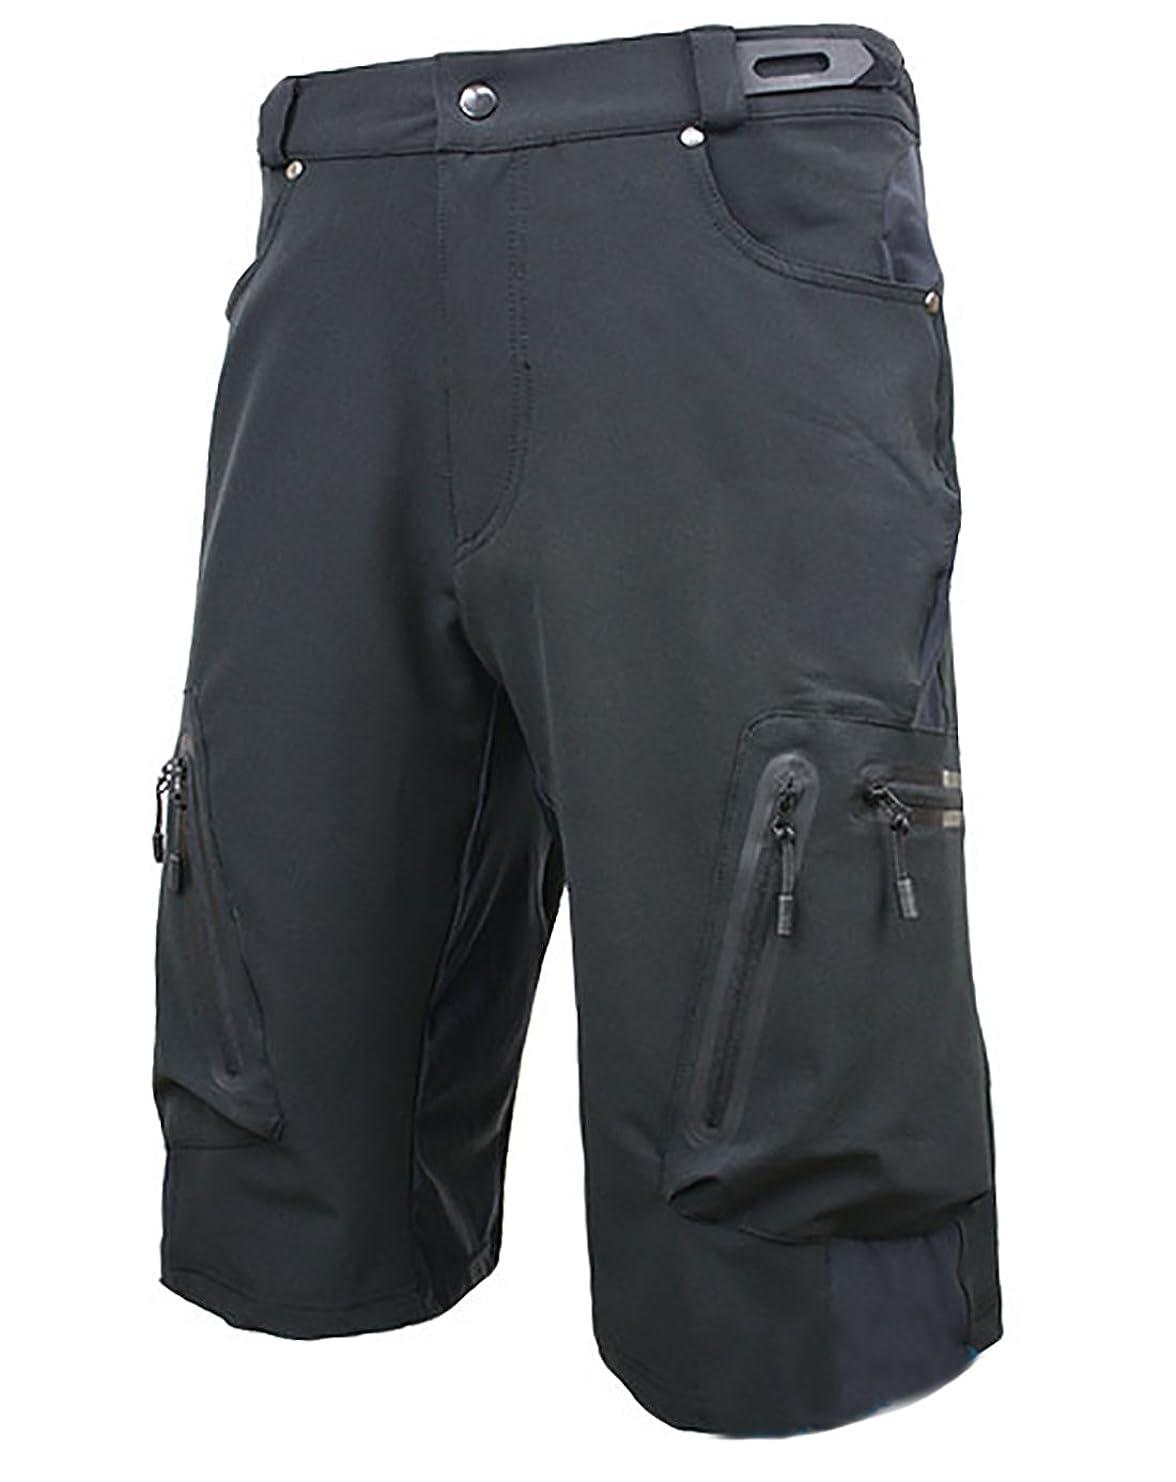 シール芝生サイクルパンツ 登山 メンズ アウトドアウェア 自転車パンツ ショート ハーフパンツ 耐摩 カジュアル